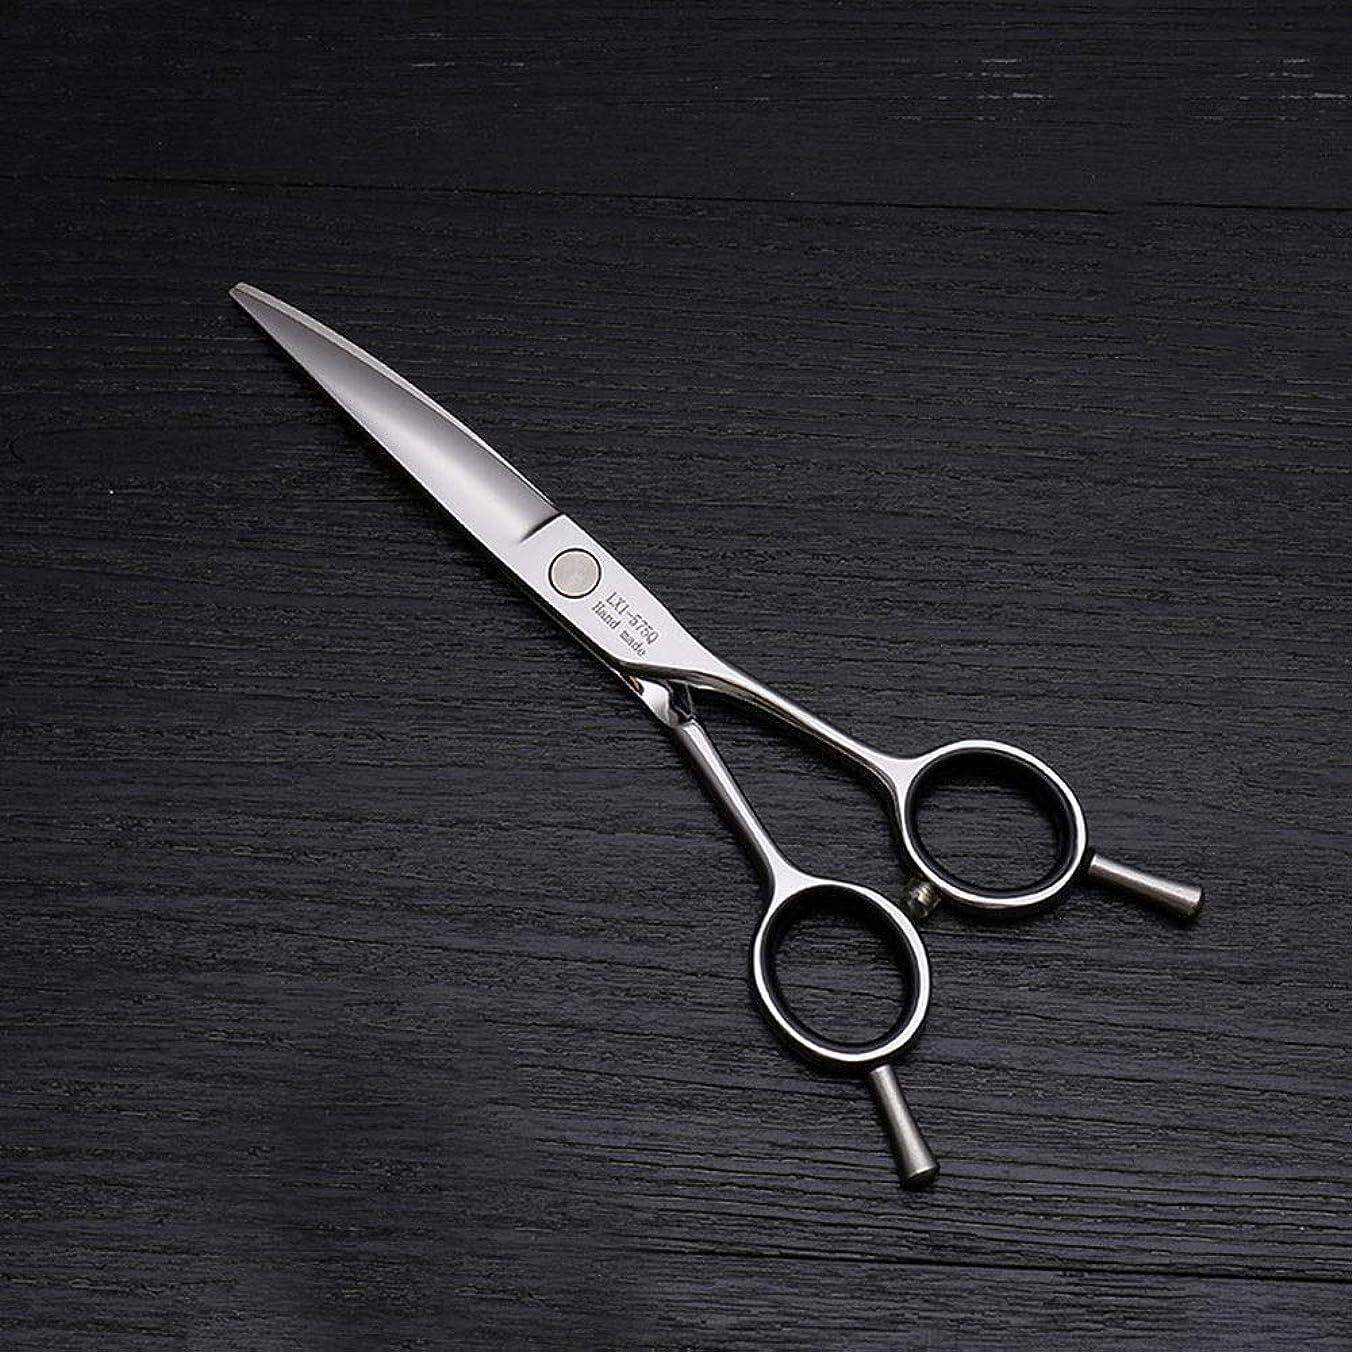 ヒットラッカス昨日6インチ美容院プロのヘアカット兼用バリカン、ヘアカットステンレス鋼トリマー モデリングツール (色 : Silver)